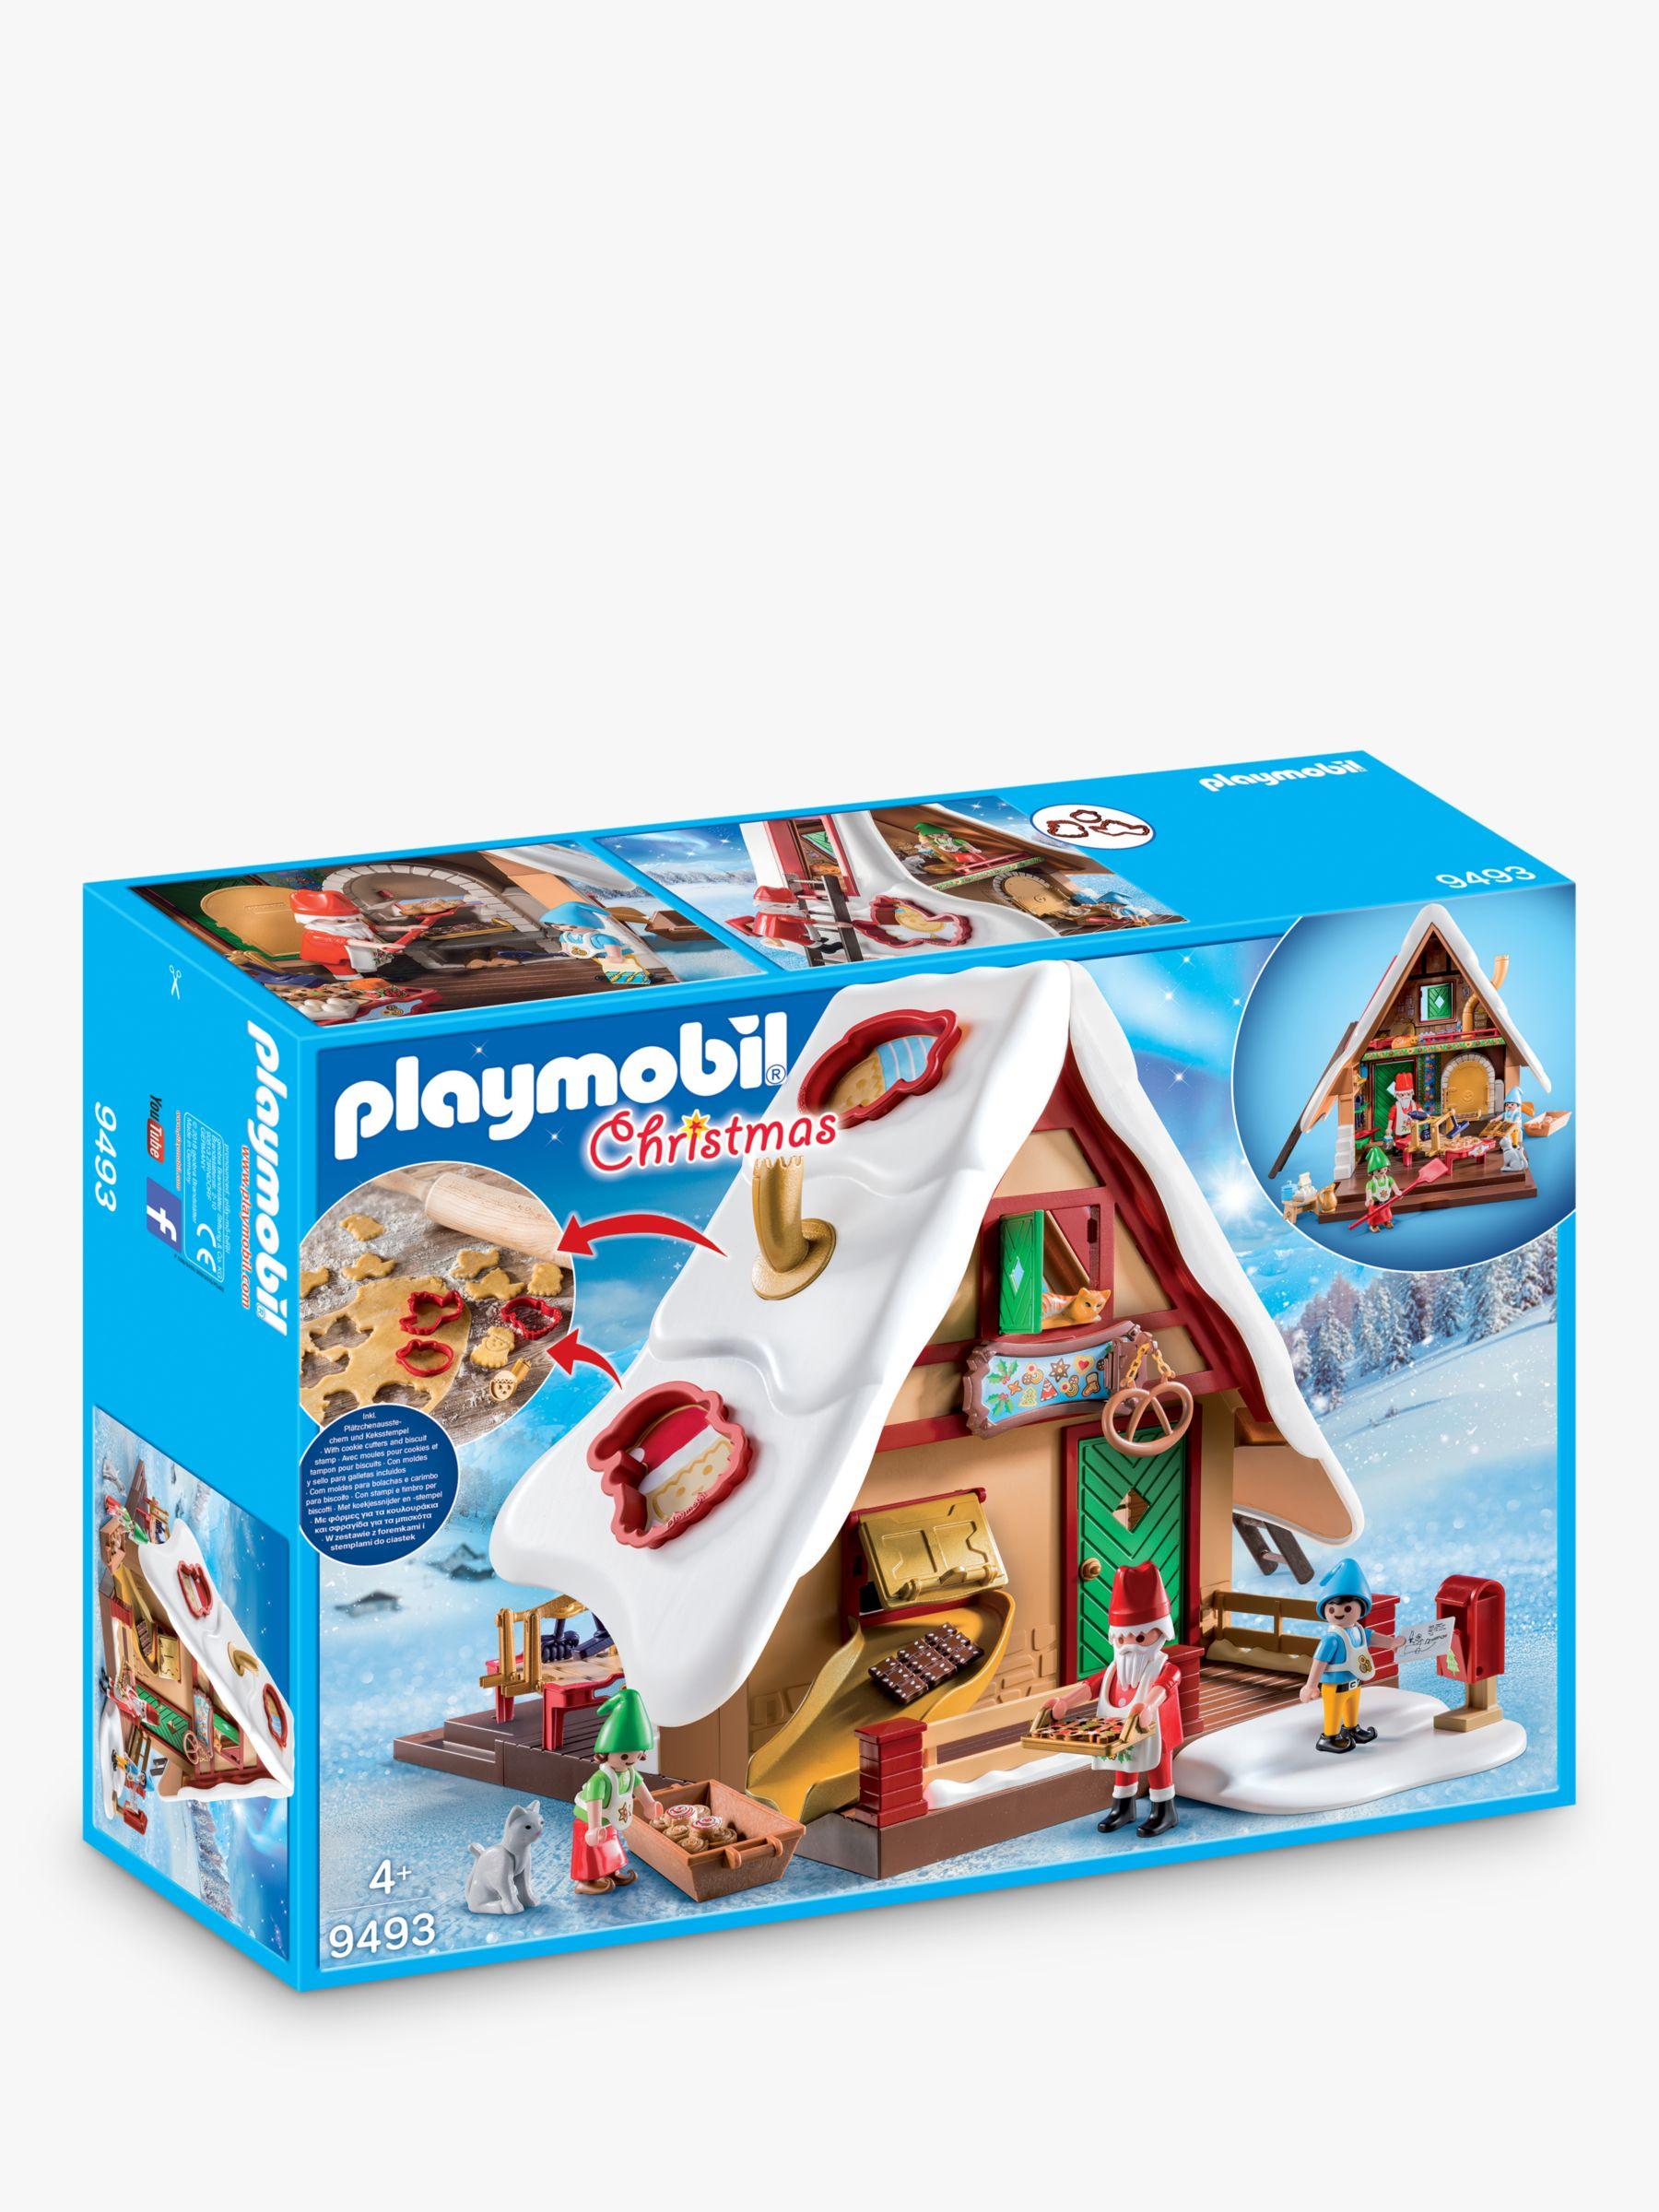 PLAYMOBIL Playmobil Christmas 9493 Bakery